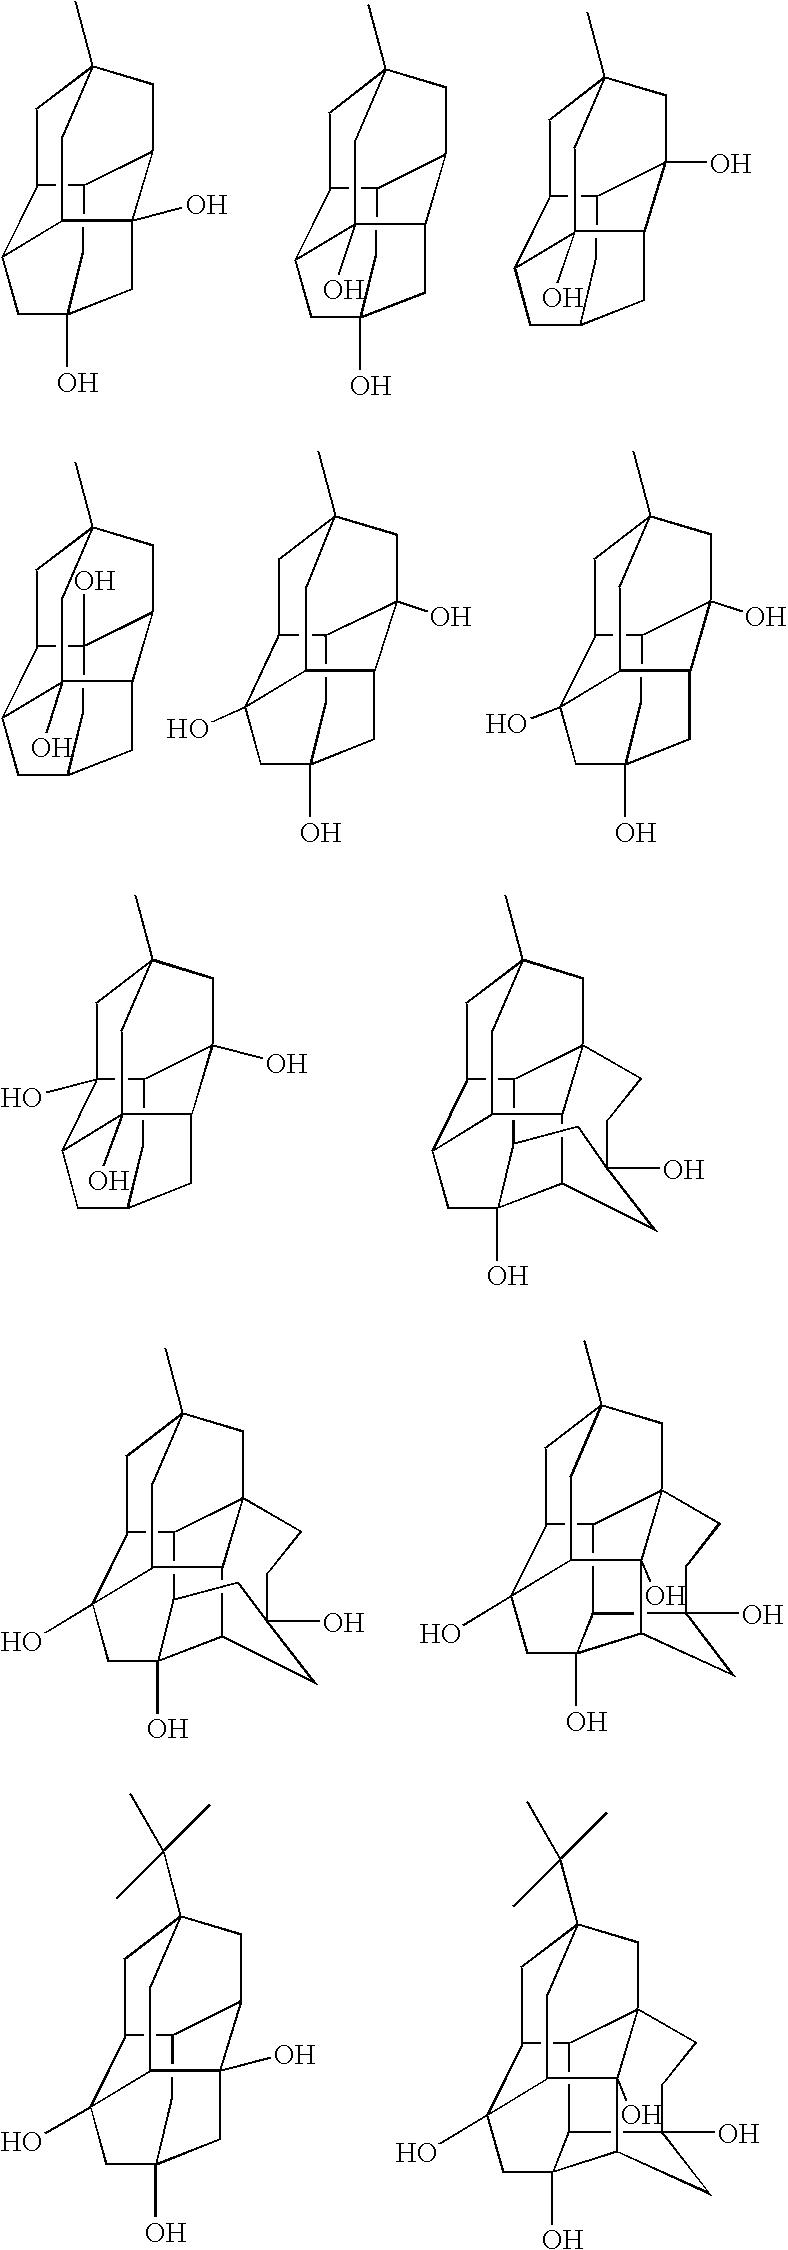 Figure US20050147915A1-20050707-C00015